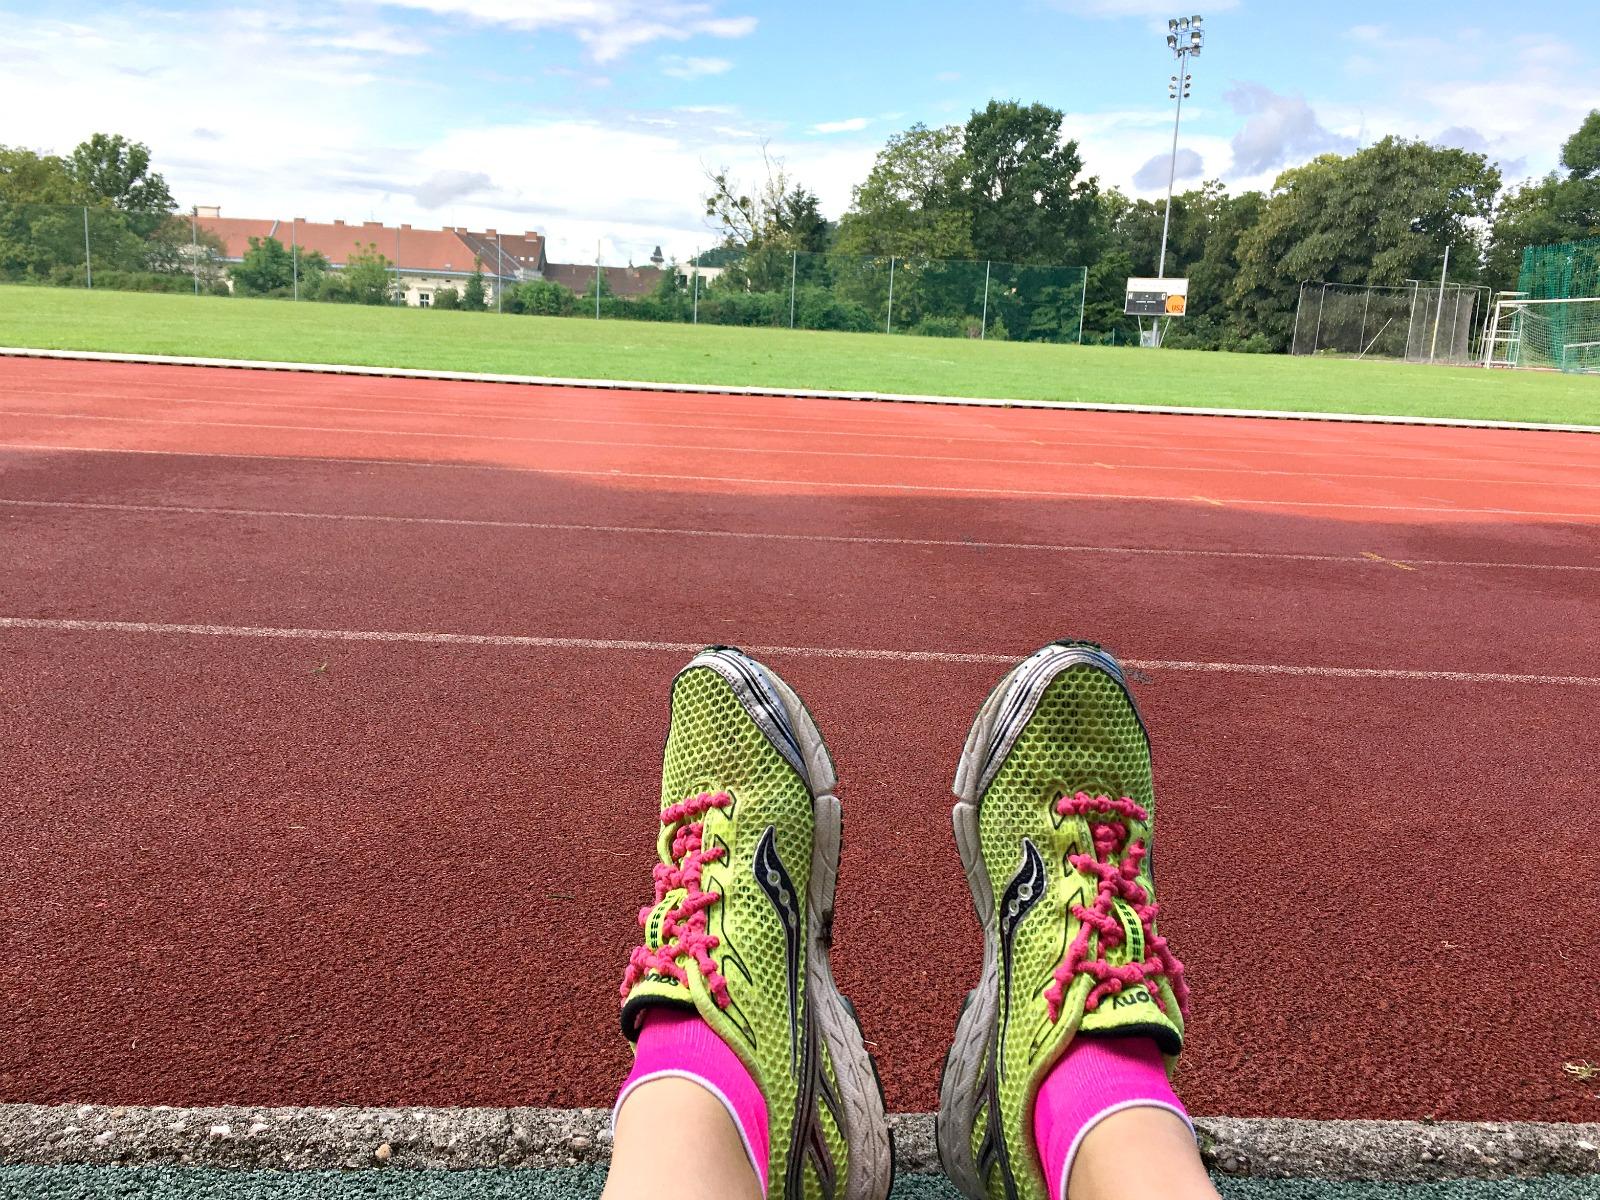 klara-fuchs-fitnessblog-hiit-springen-sprinten-trainingsblog-stiegenläufe-österreich-graz-6